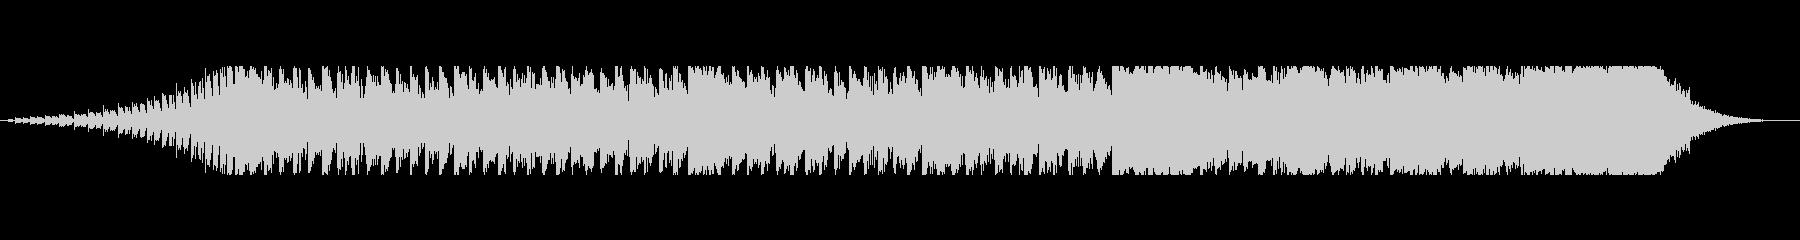 モーニングムード3の未再生の波形